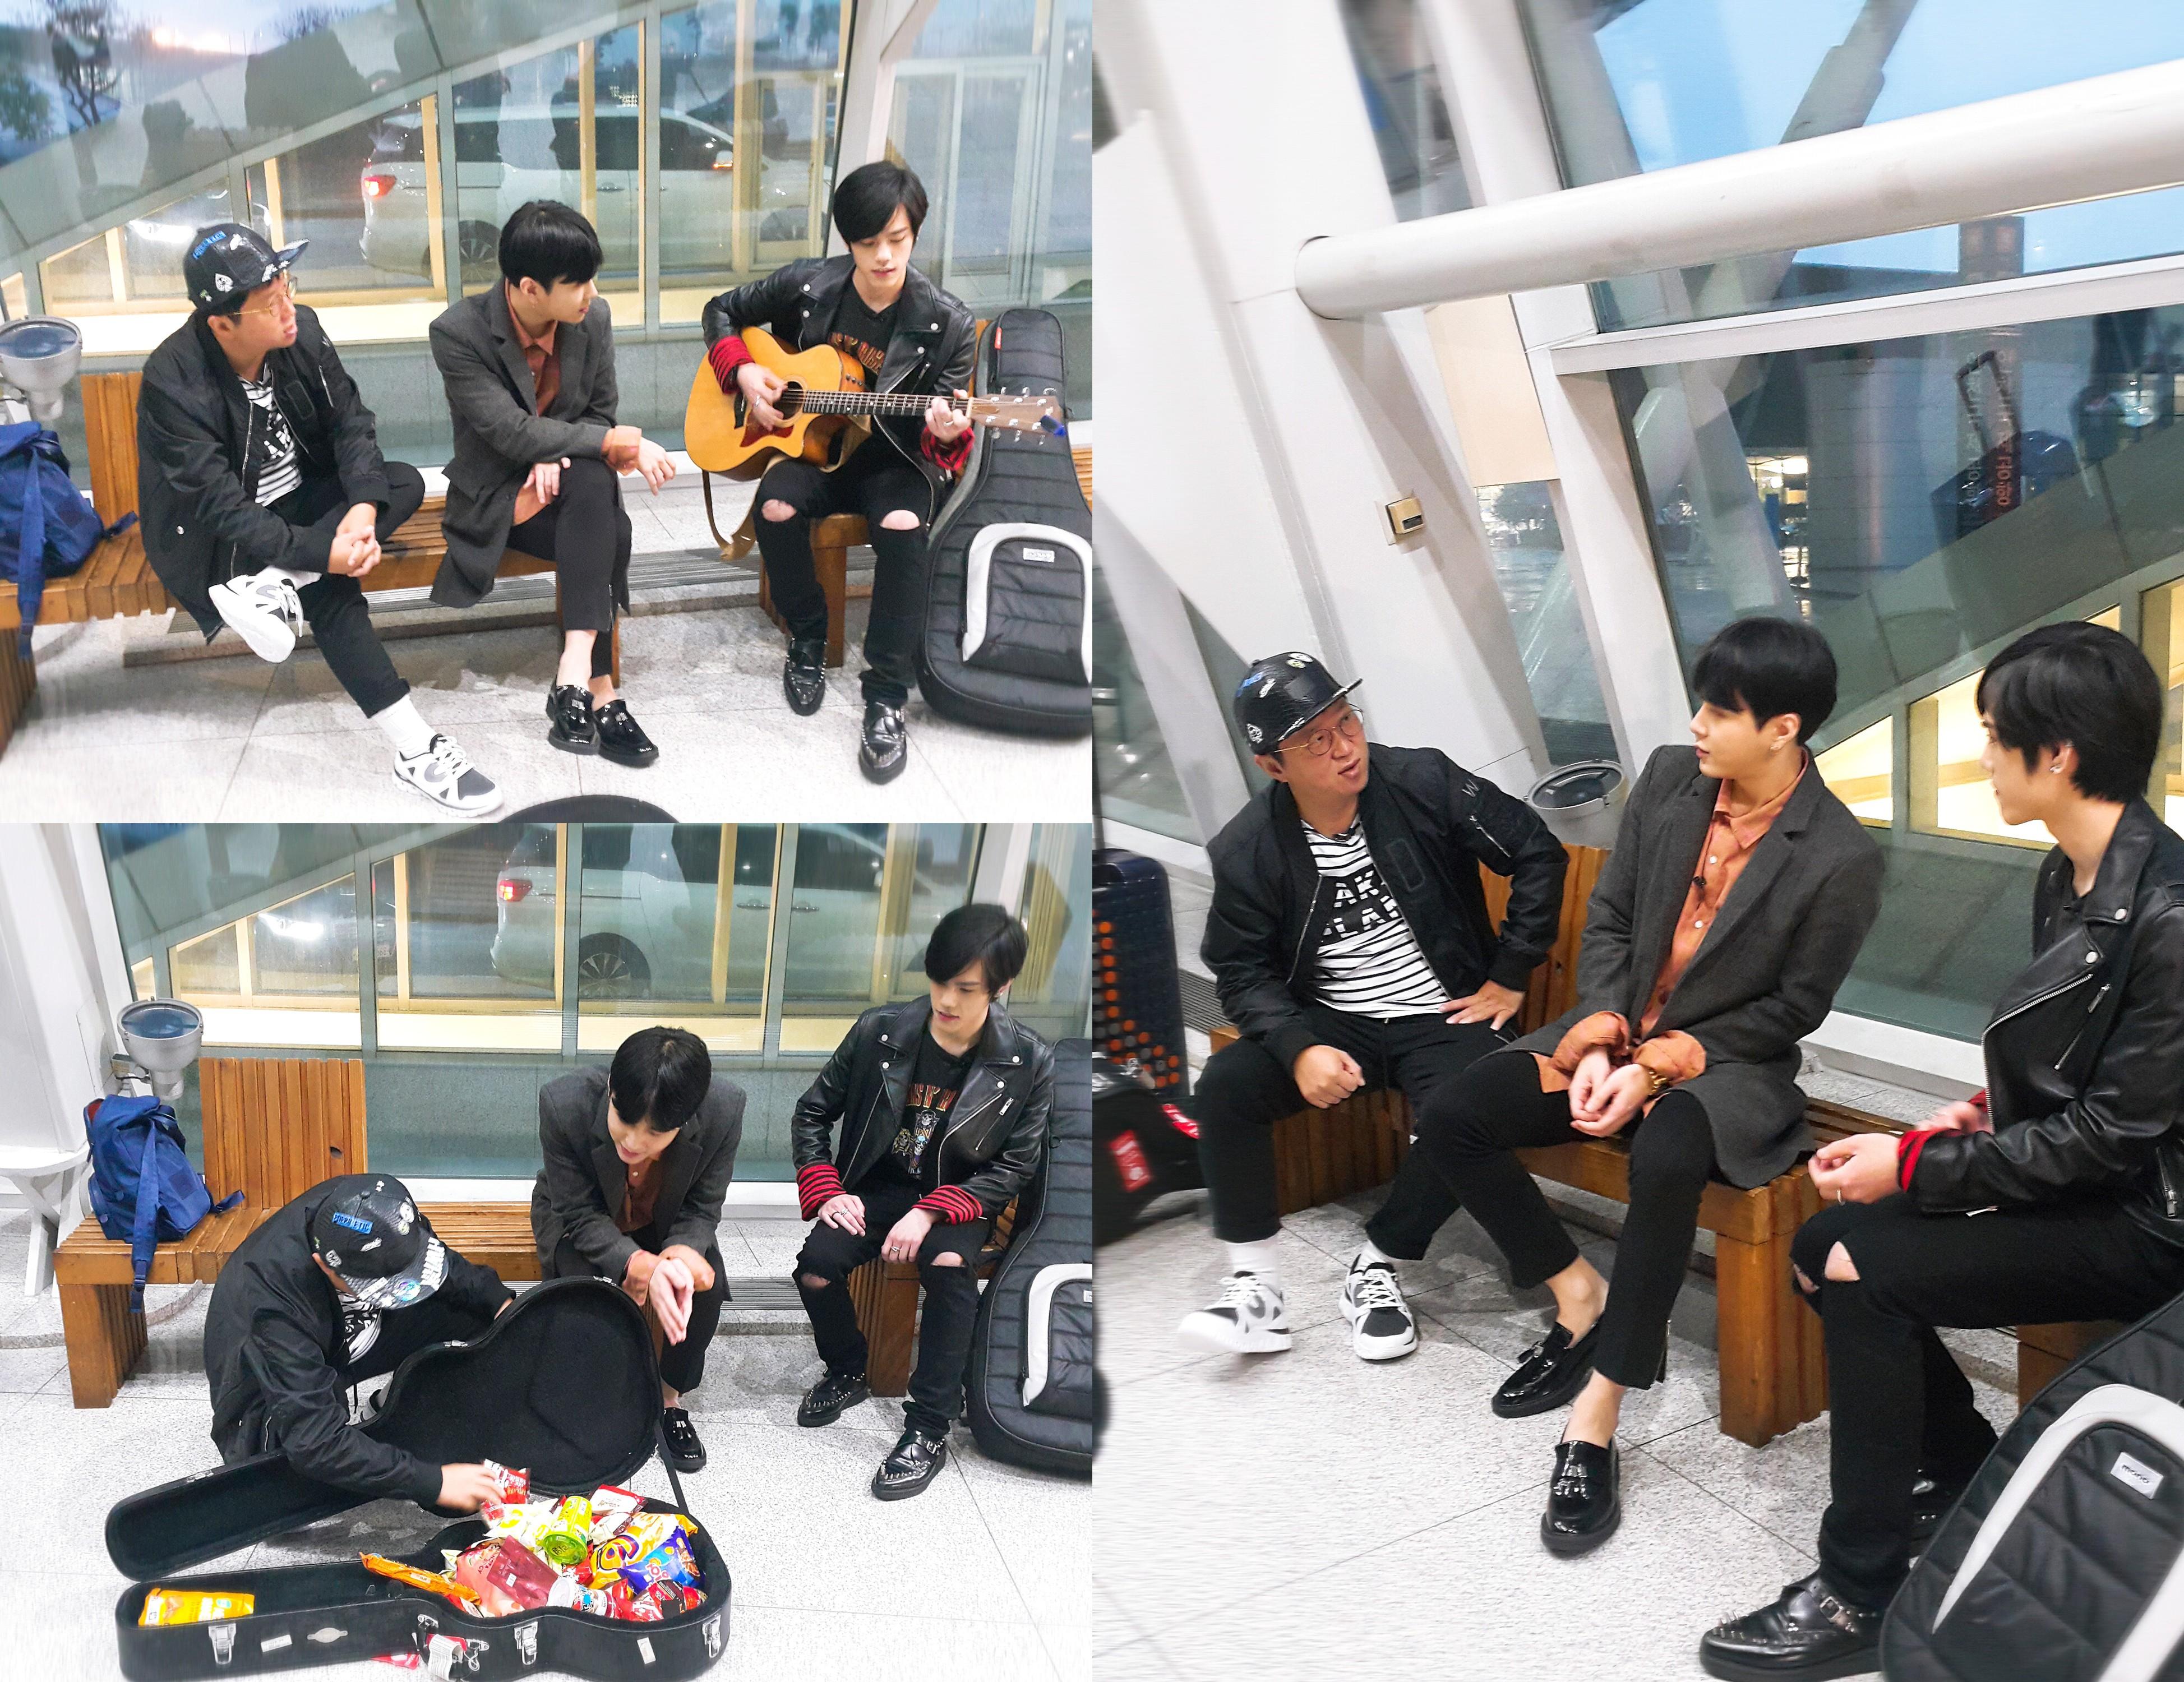 jung hyung don beast yong jun hyung n.flying cha hoon 2